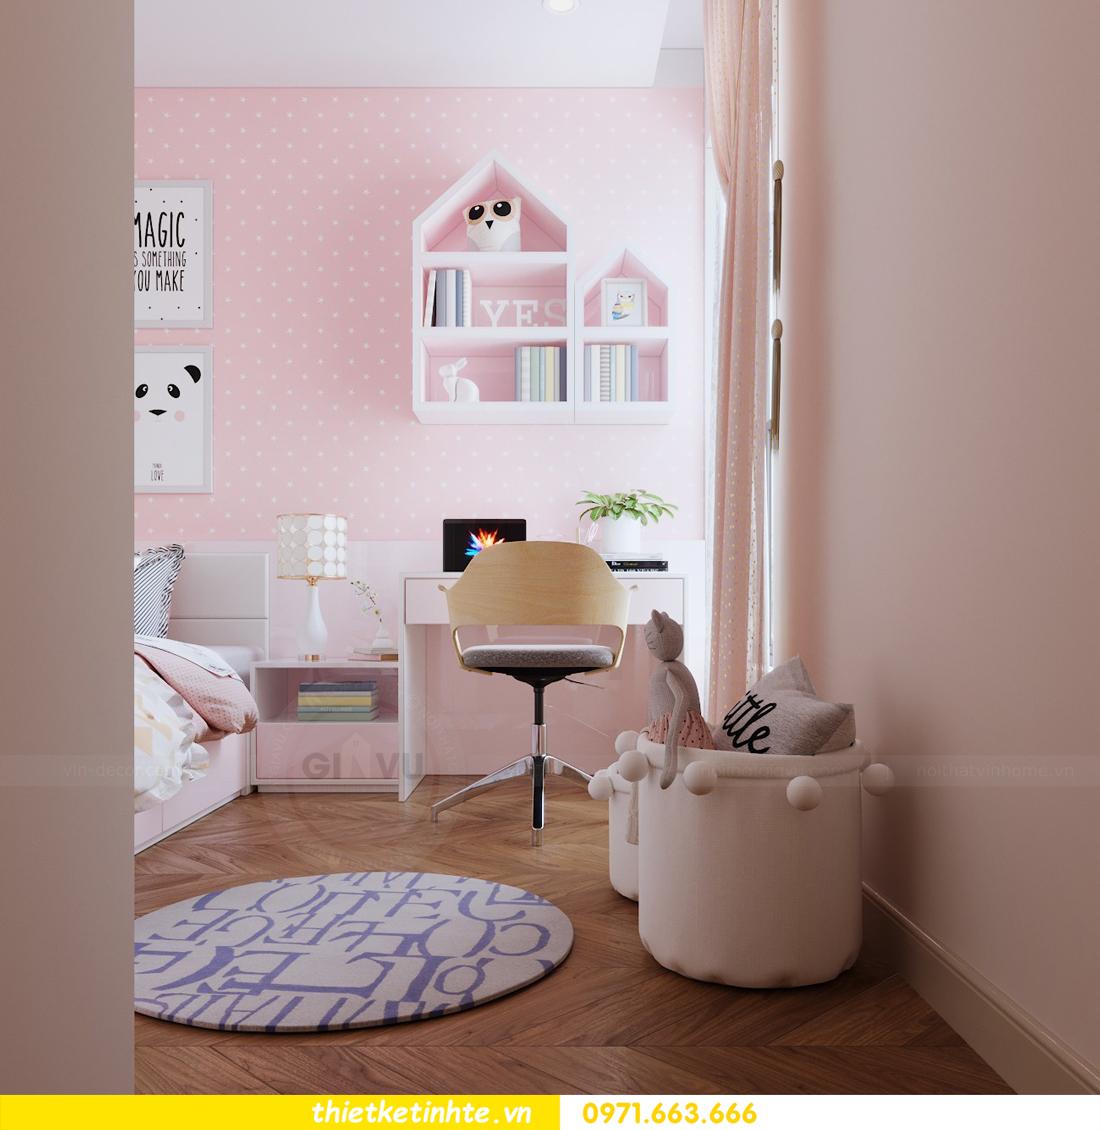 mẫu thiết kế nội thất chung cư 2 phòng ngủ nhỏ đẹp hiện đại 10